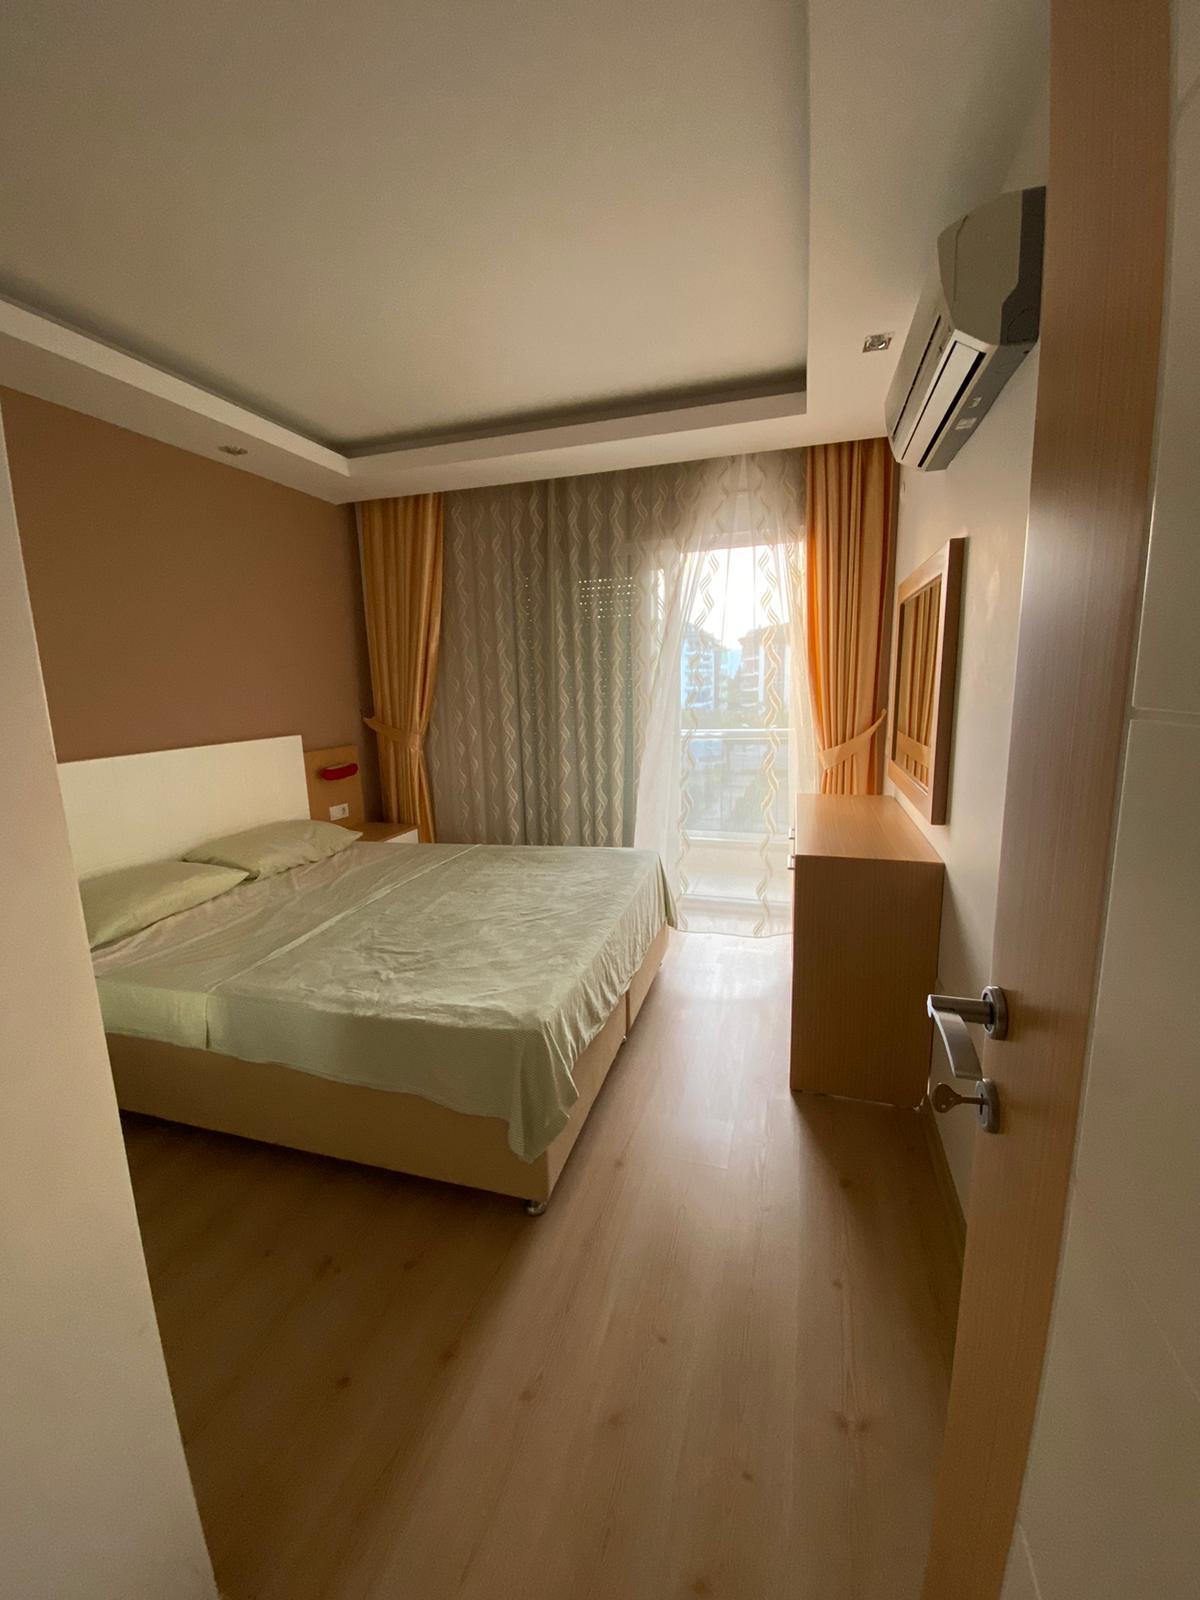 Меблированная квартира 1+1 в районе Кестель - Фото 8